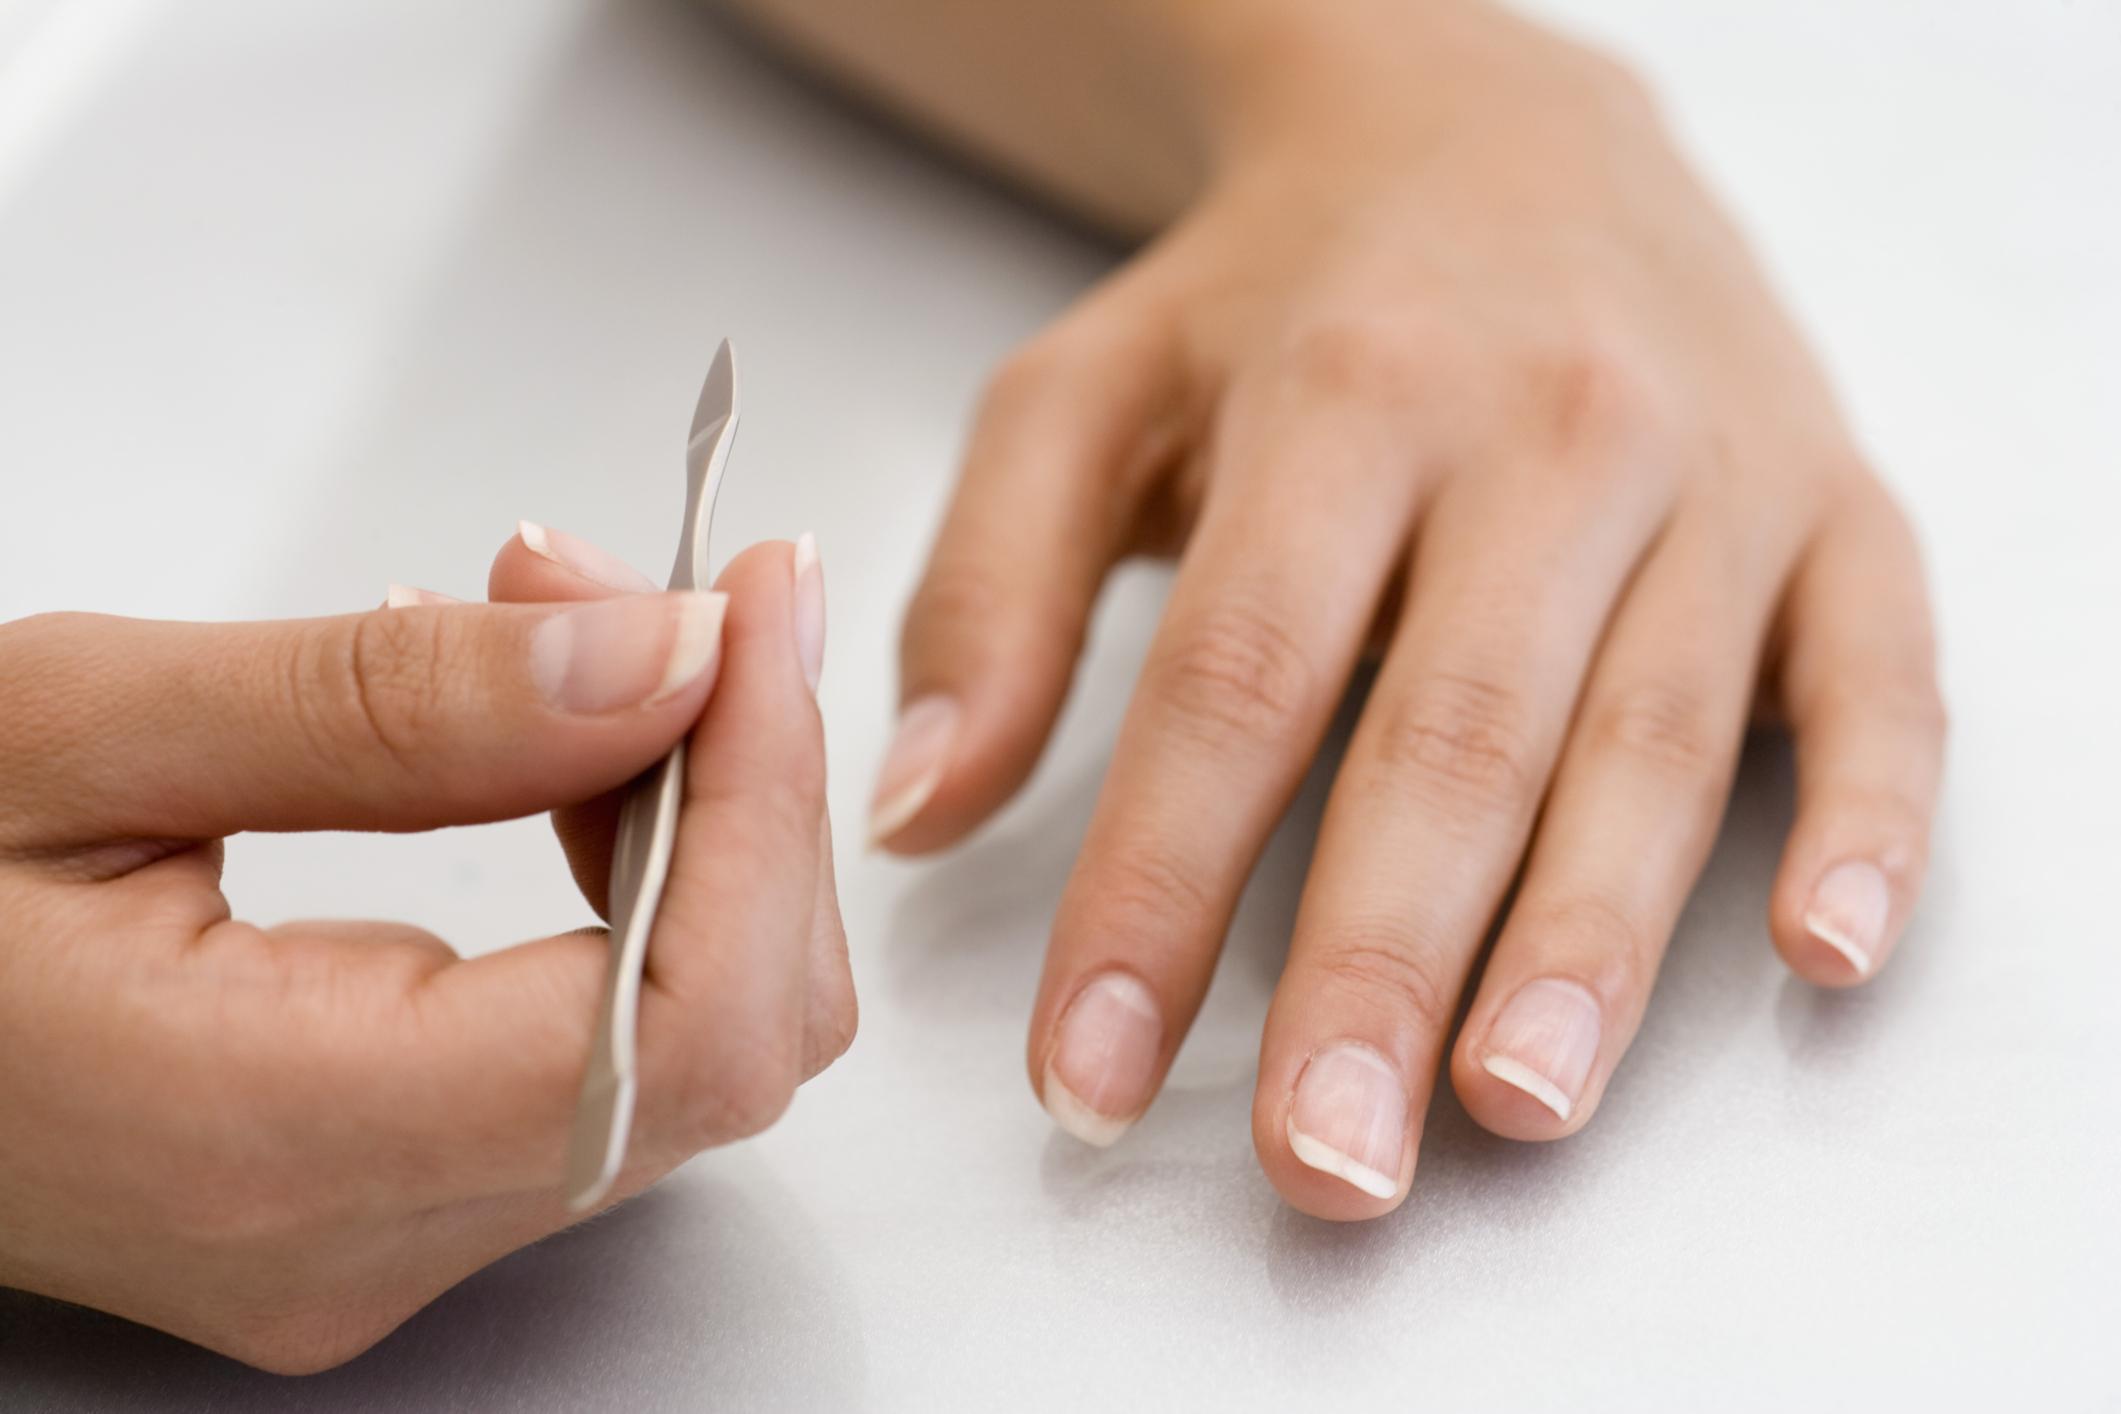 Rezultate imazhesh për nail cuticule